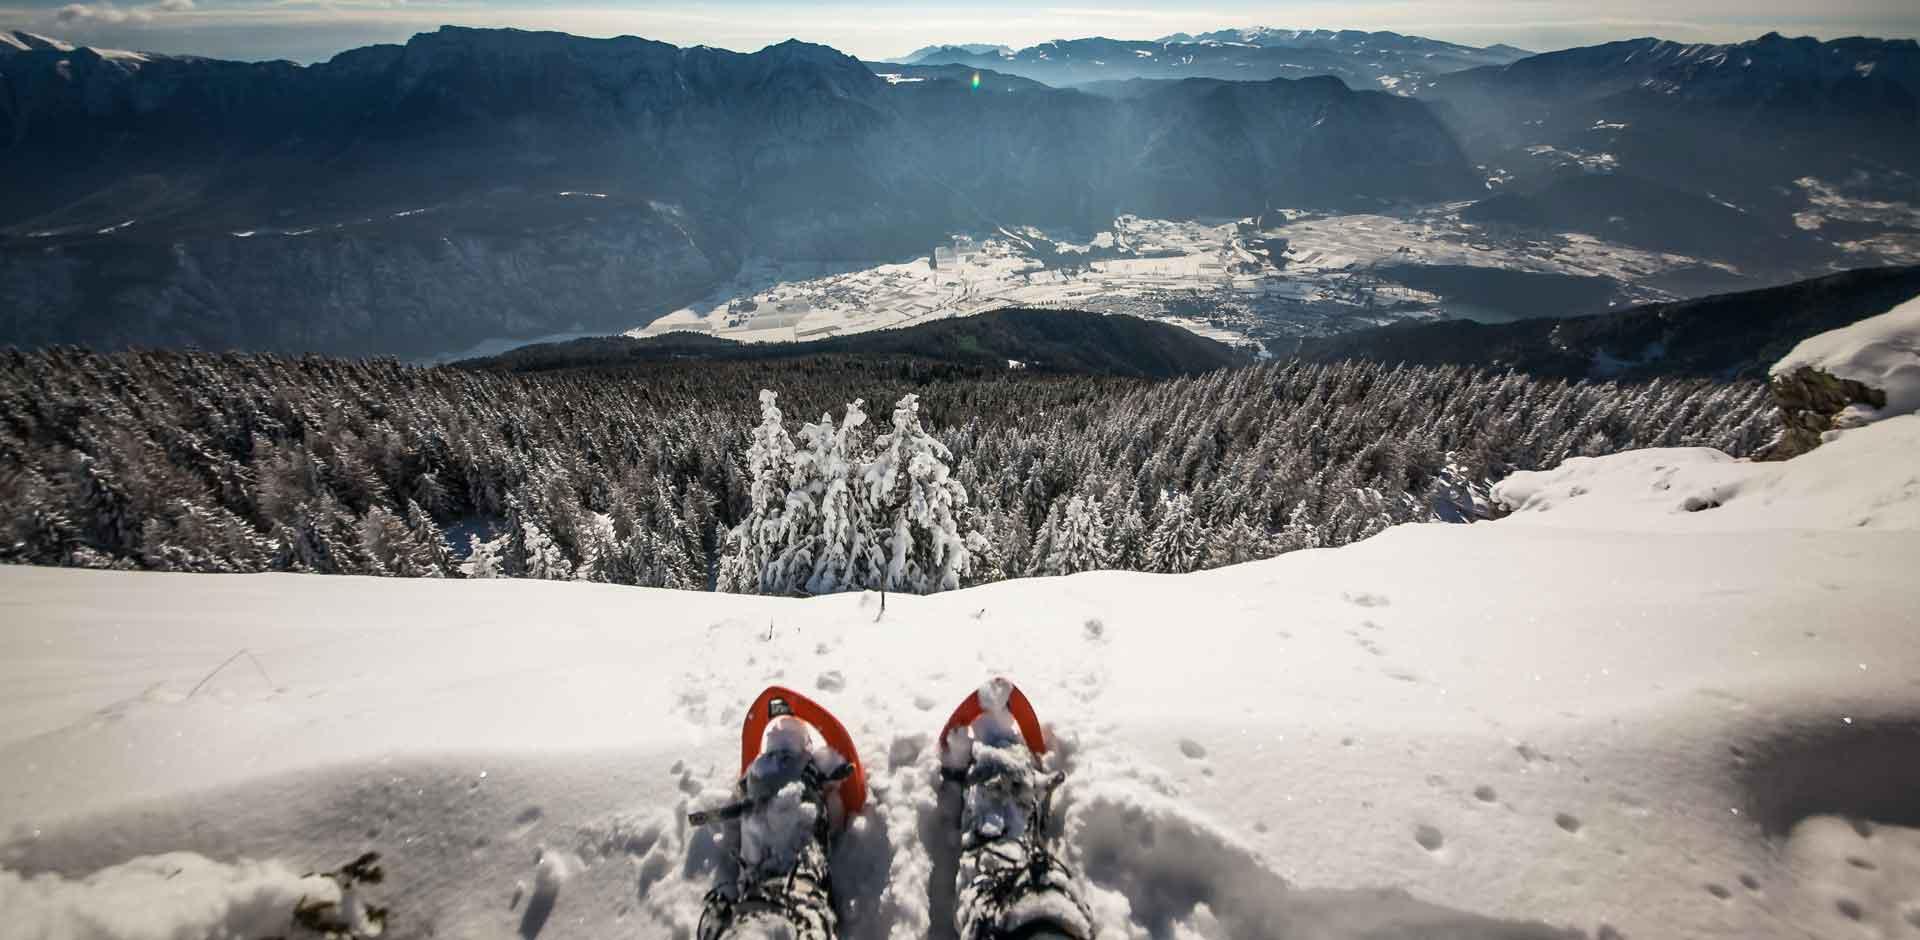 Lake Levico, things to do: where to ski